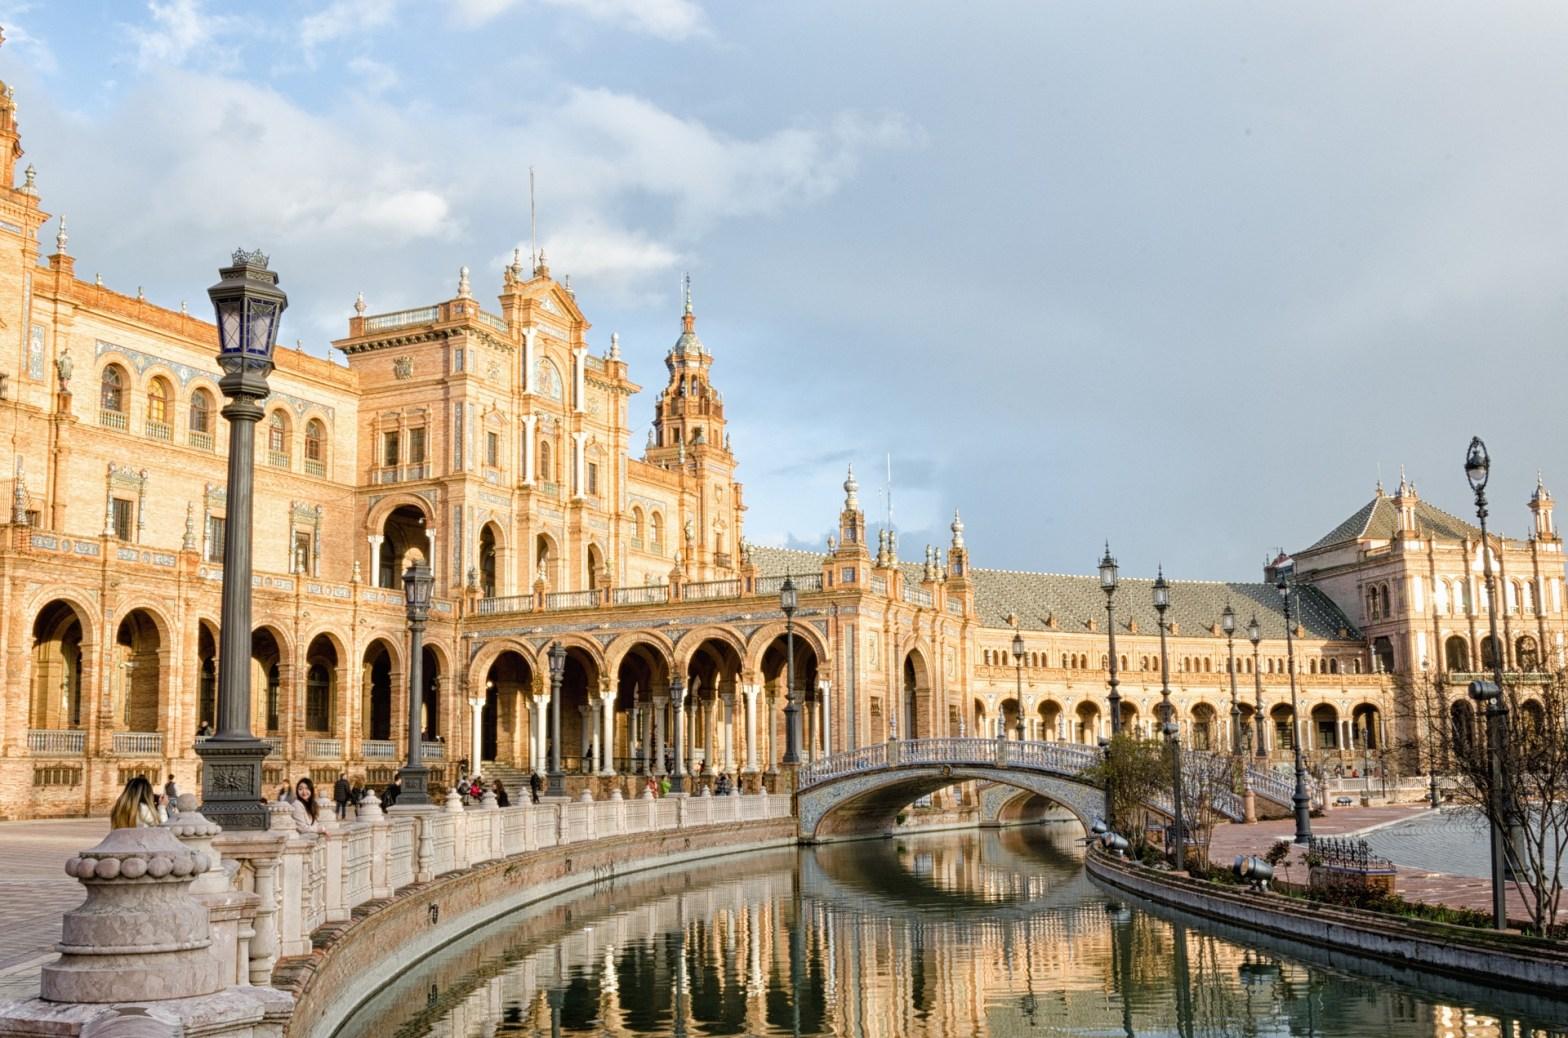 Seville-Spain-architecture